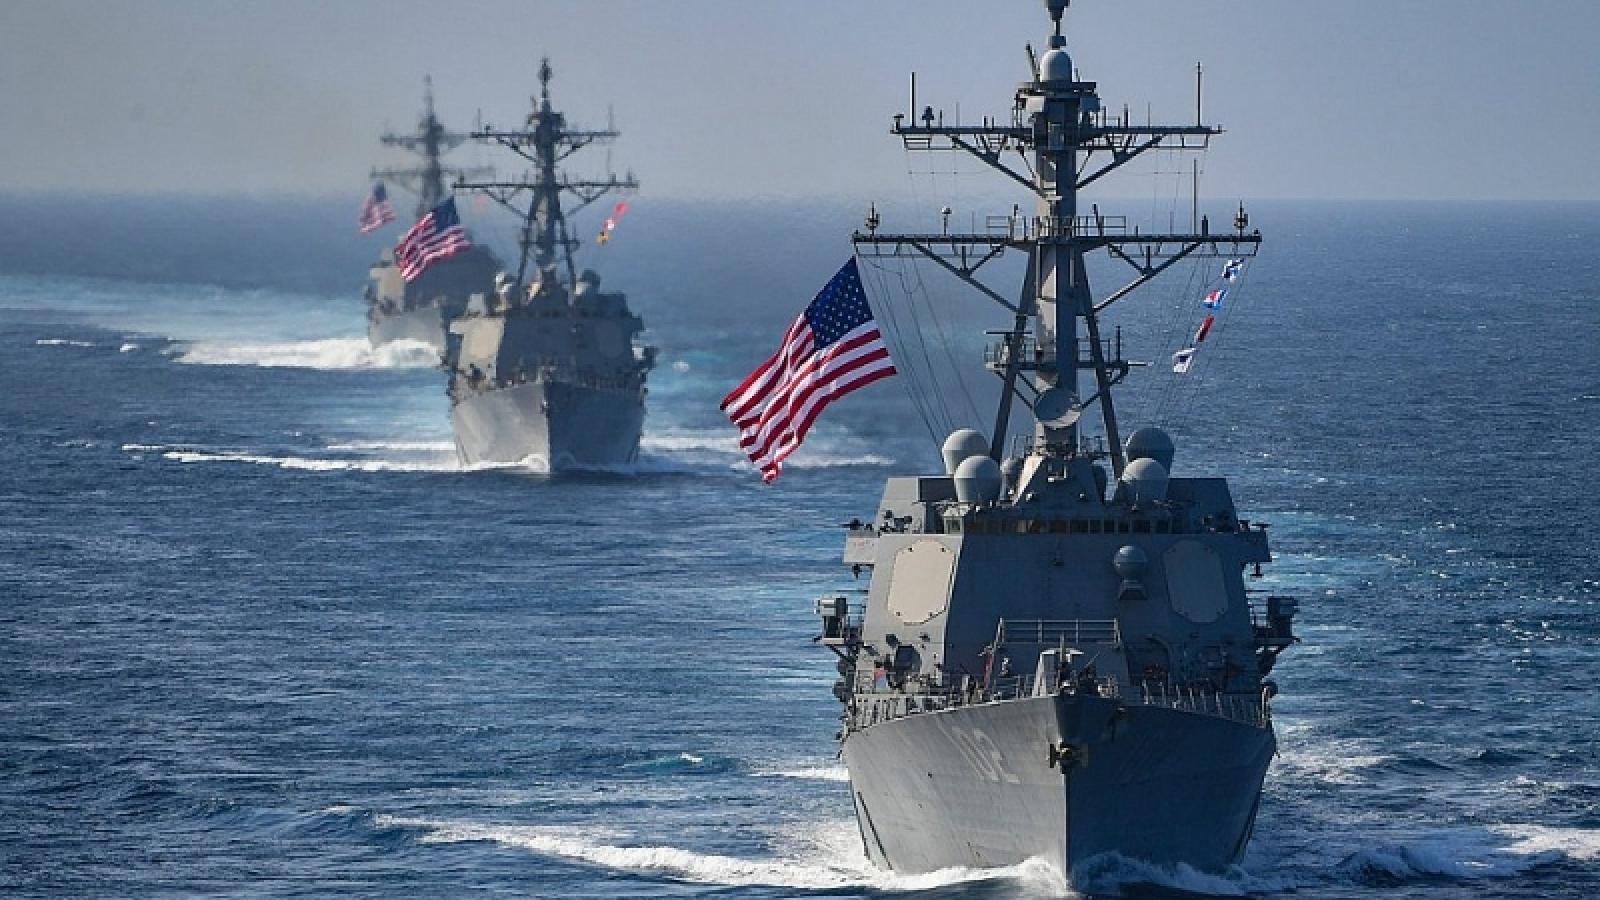 Mỹ khẳng định lập trường về Biển Đông, Trung Quốc chịu tổn thất?